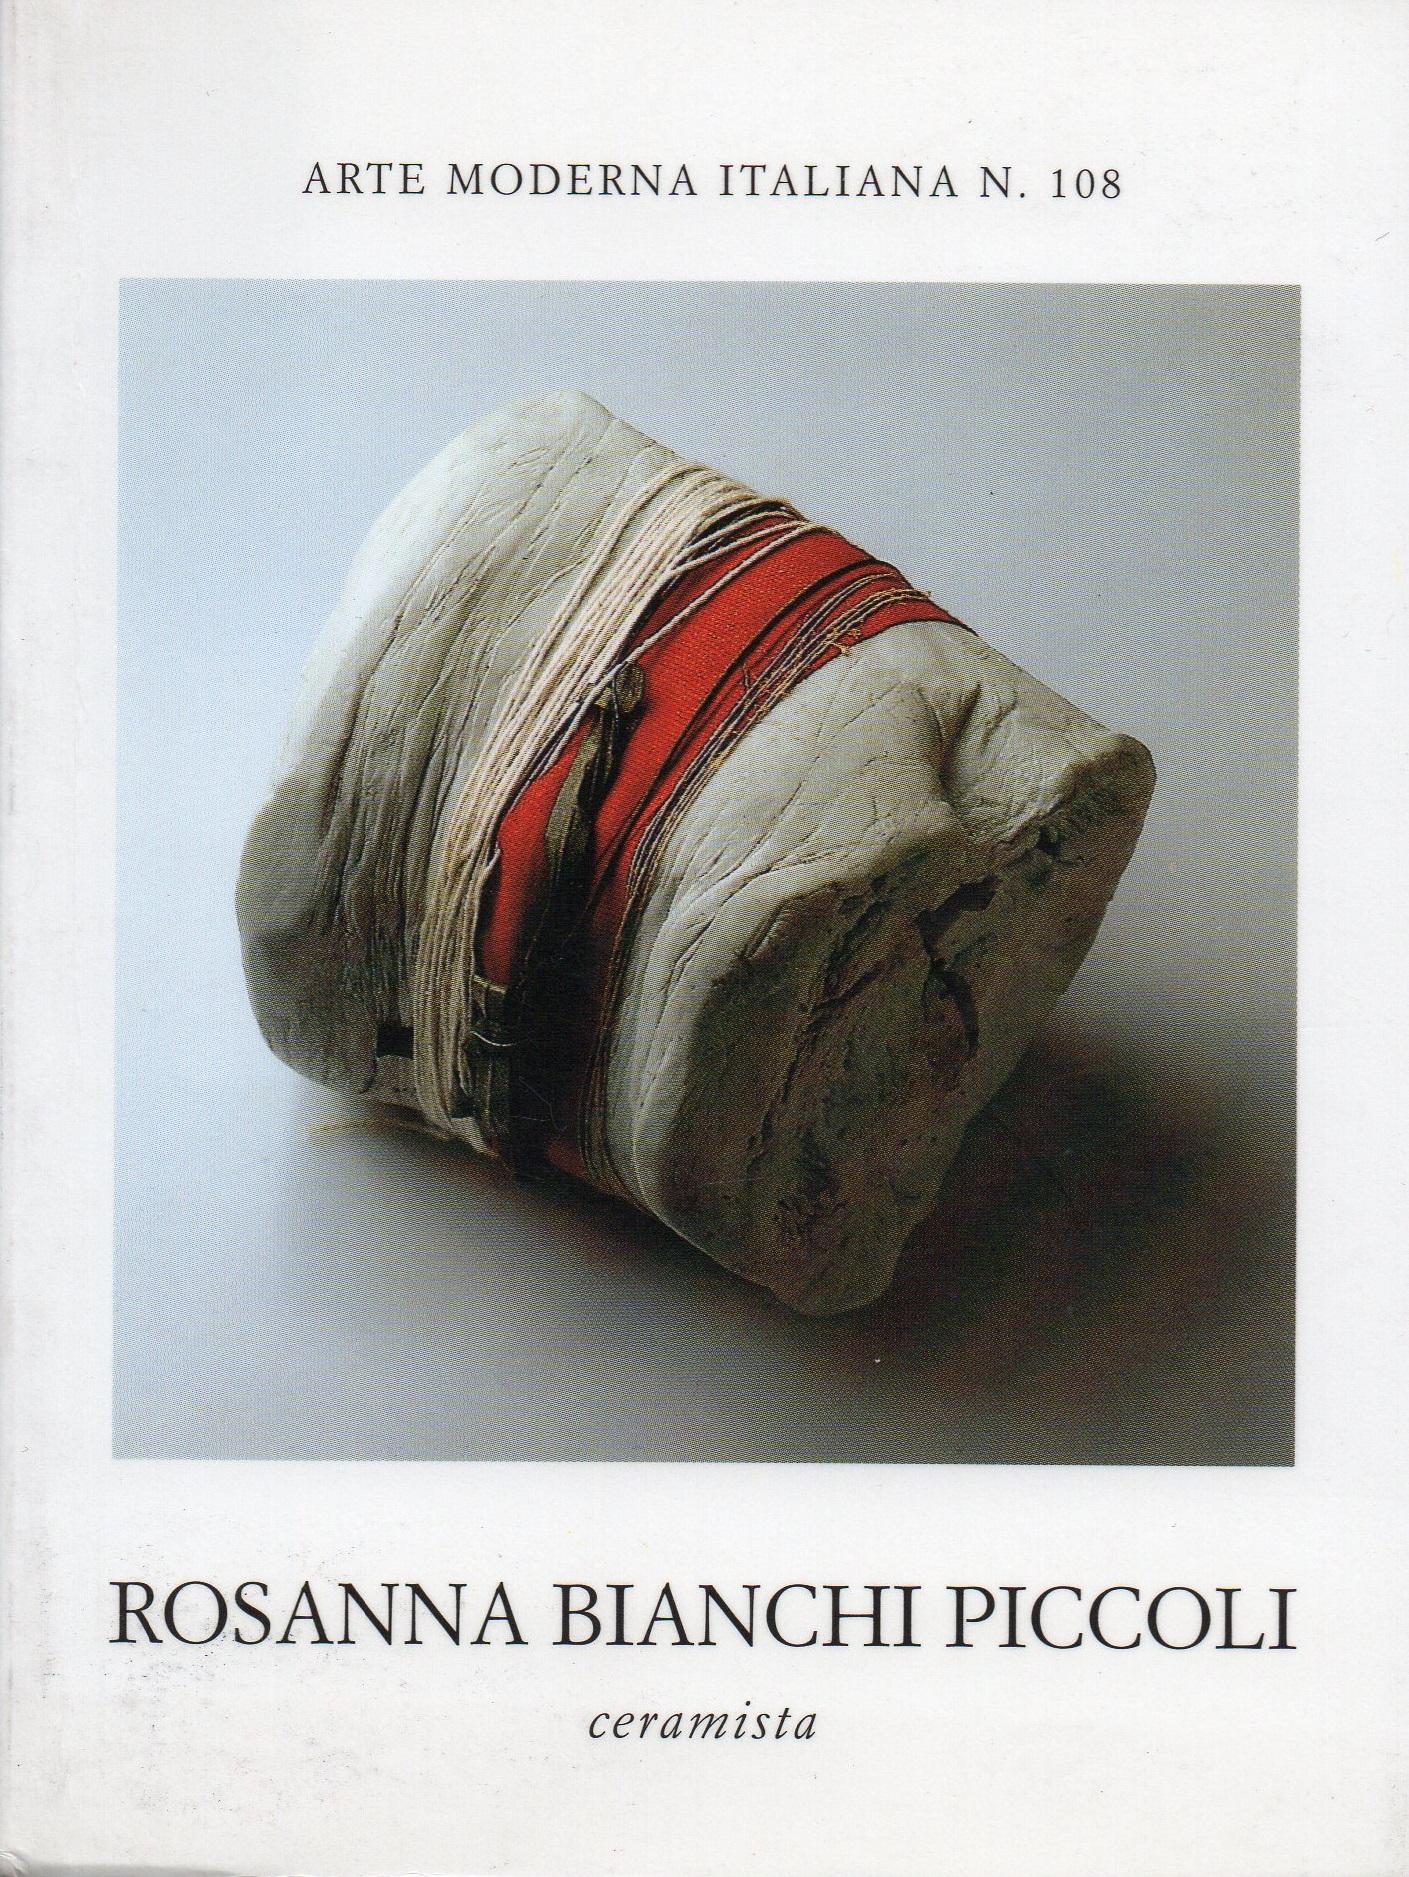 Copertina di Arte Moderna Italiana n°108, edizioni Scheiwiller, Milano 1995